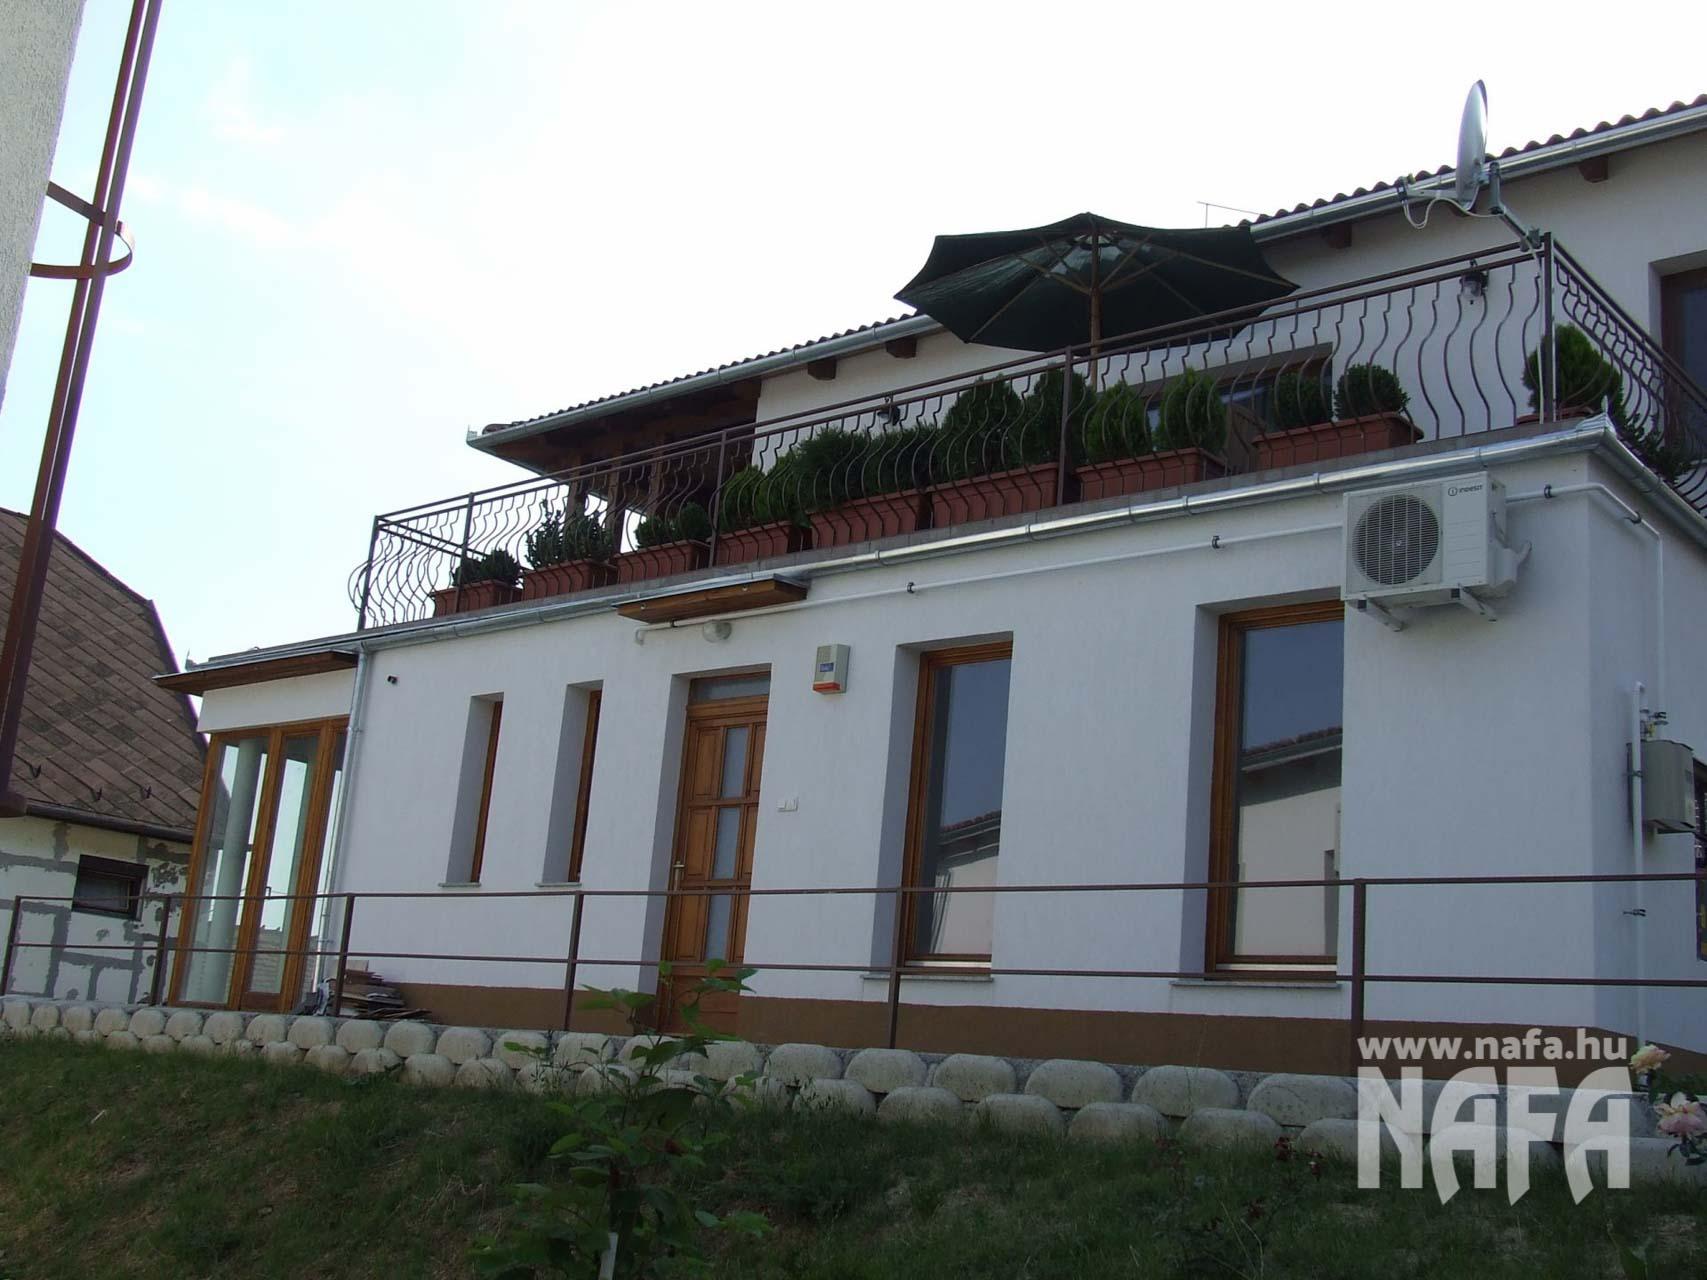 Fa nyílászárók, egyedi festett ablakok és bejáratiajtó, Pécs Közintézmény